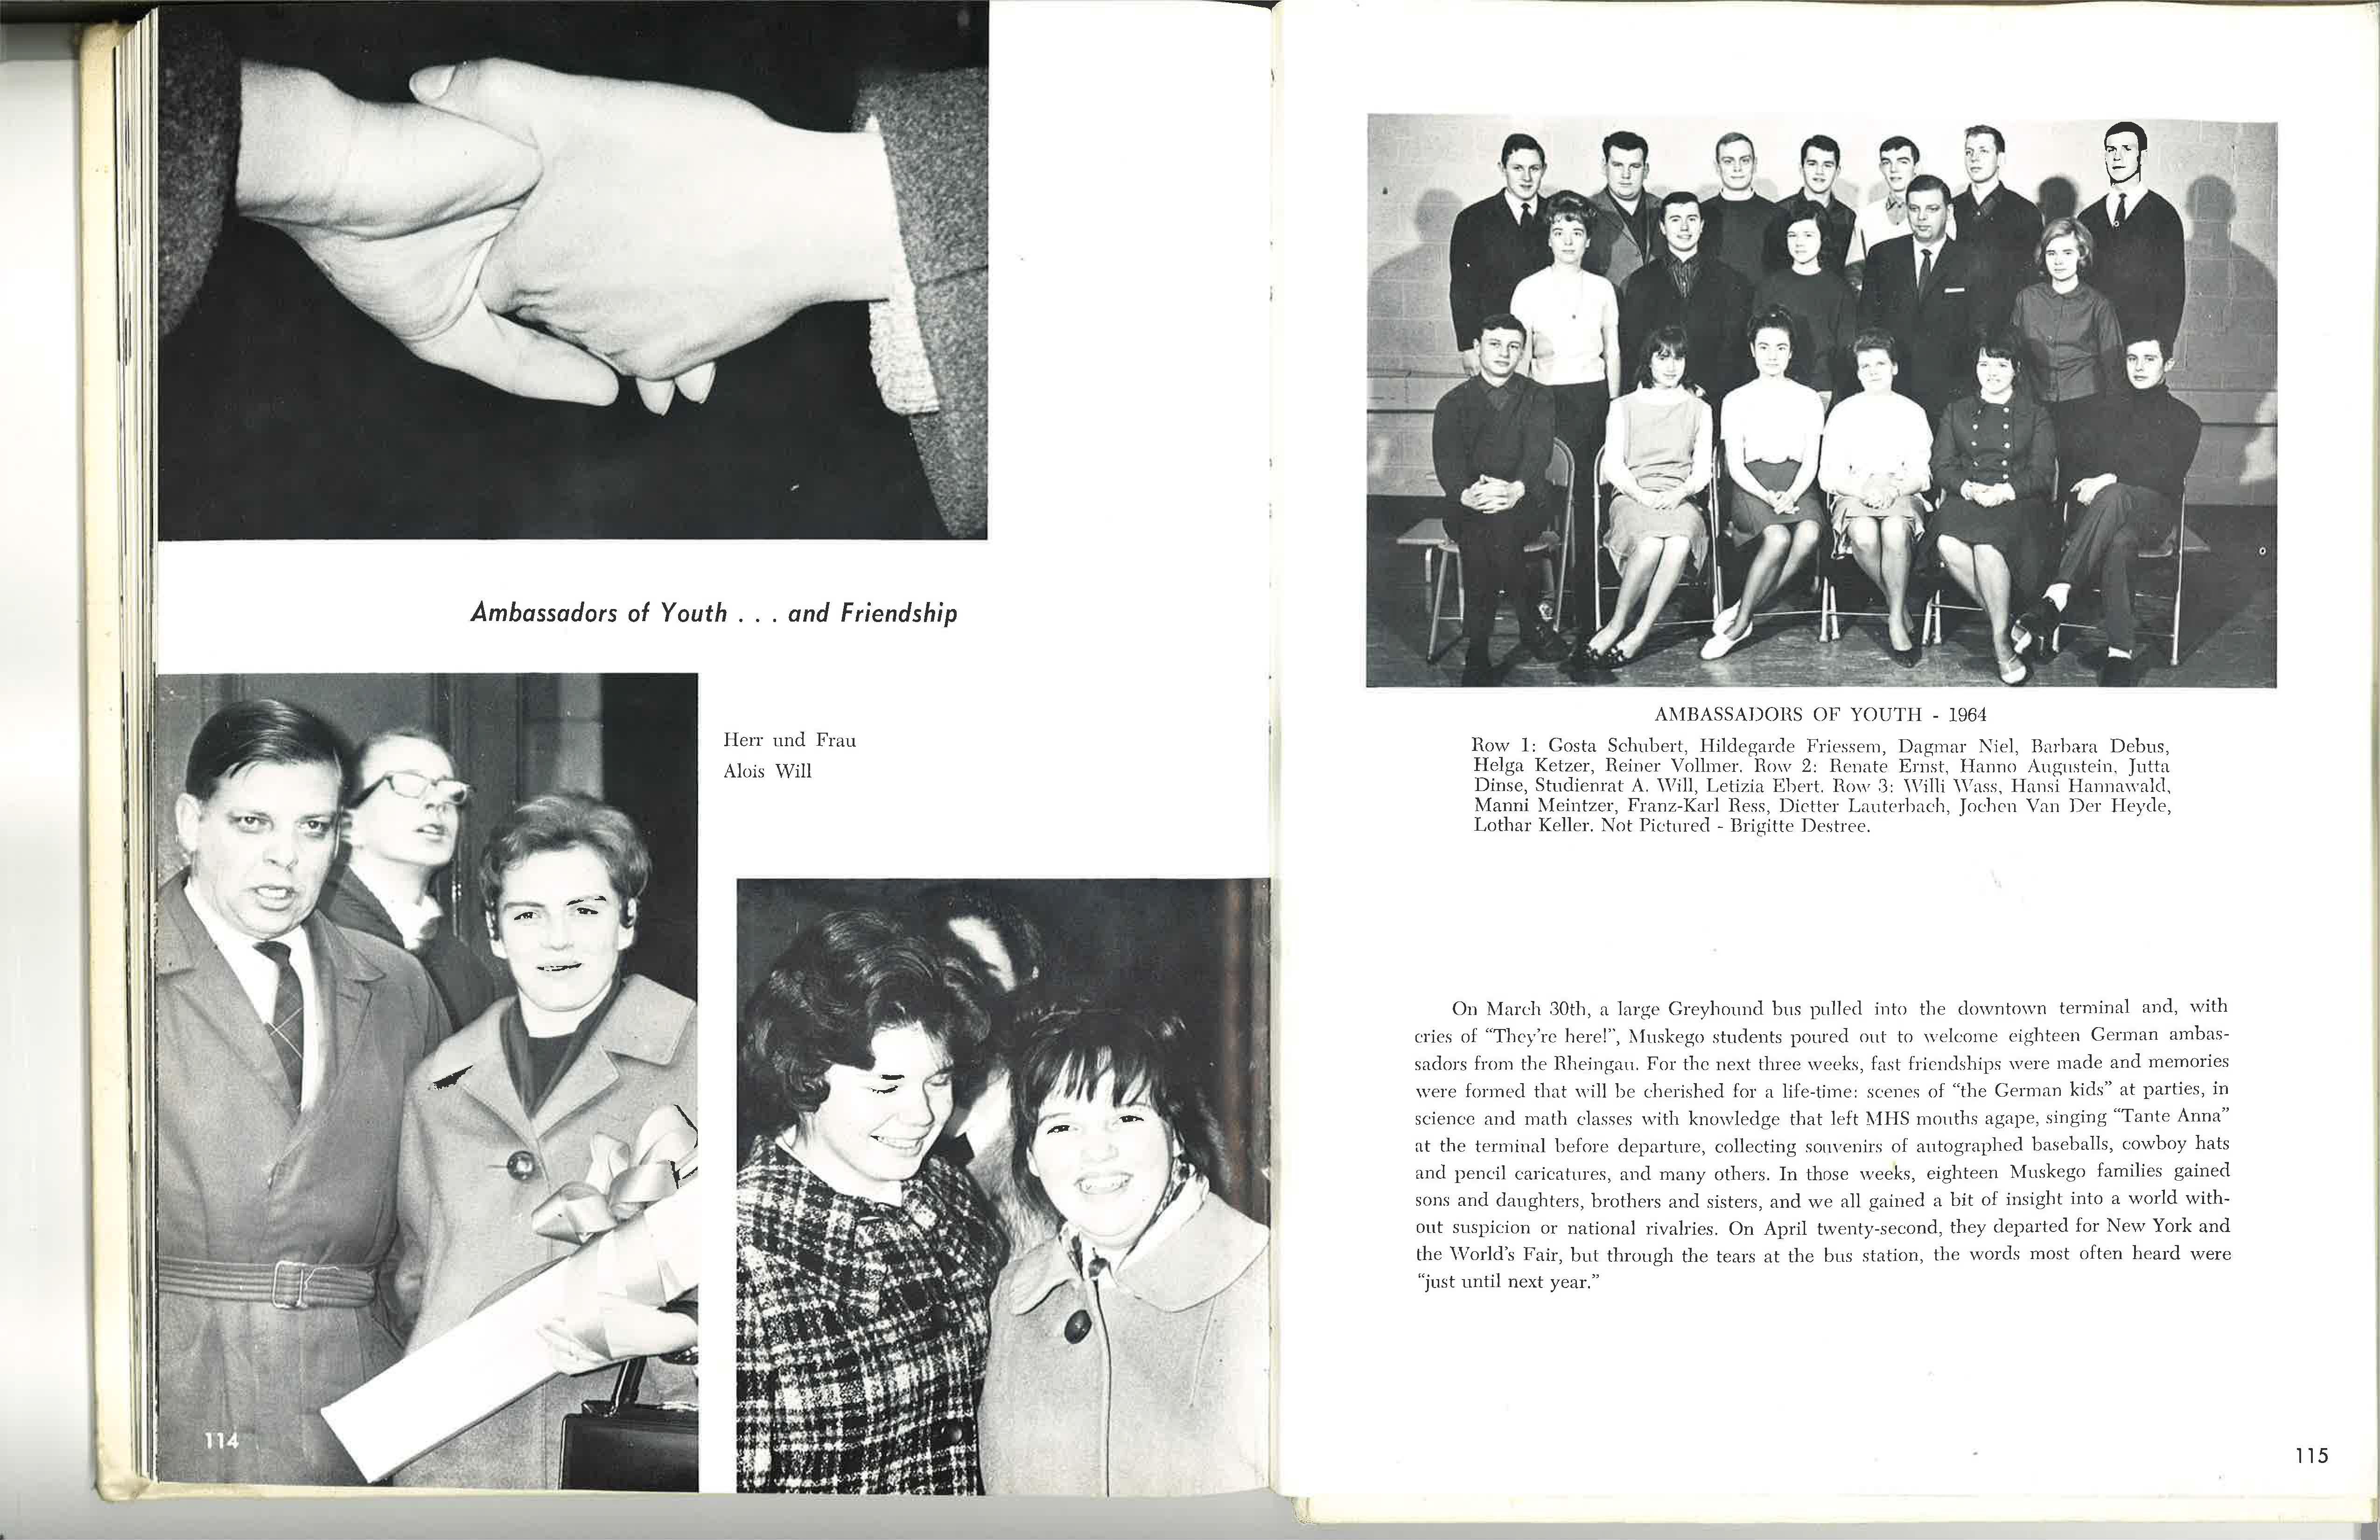 1964_Yearbook_Activities_114-115.jpg